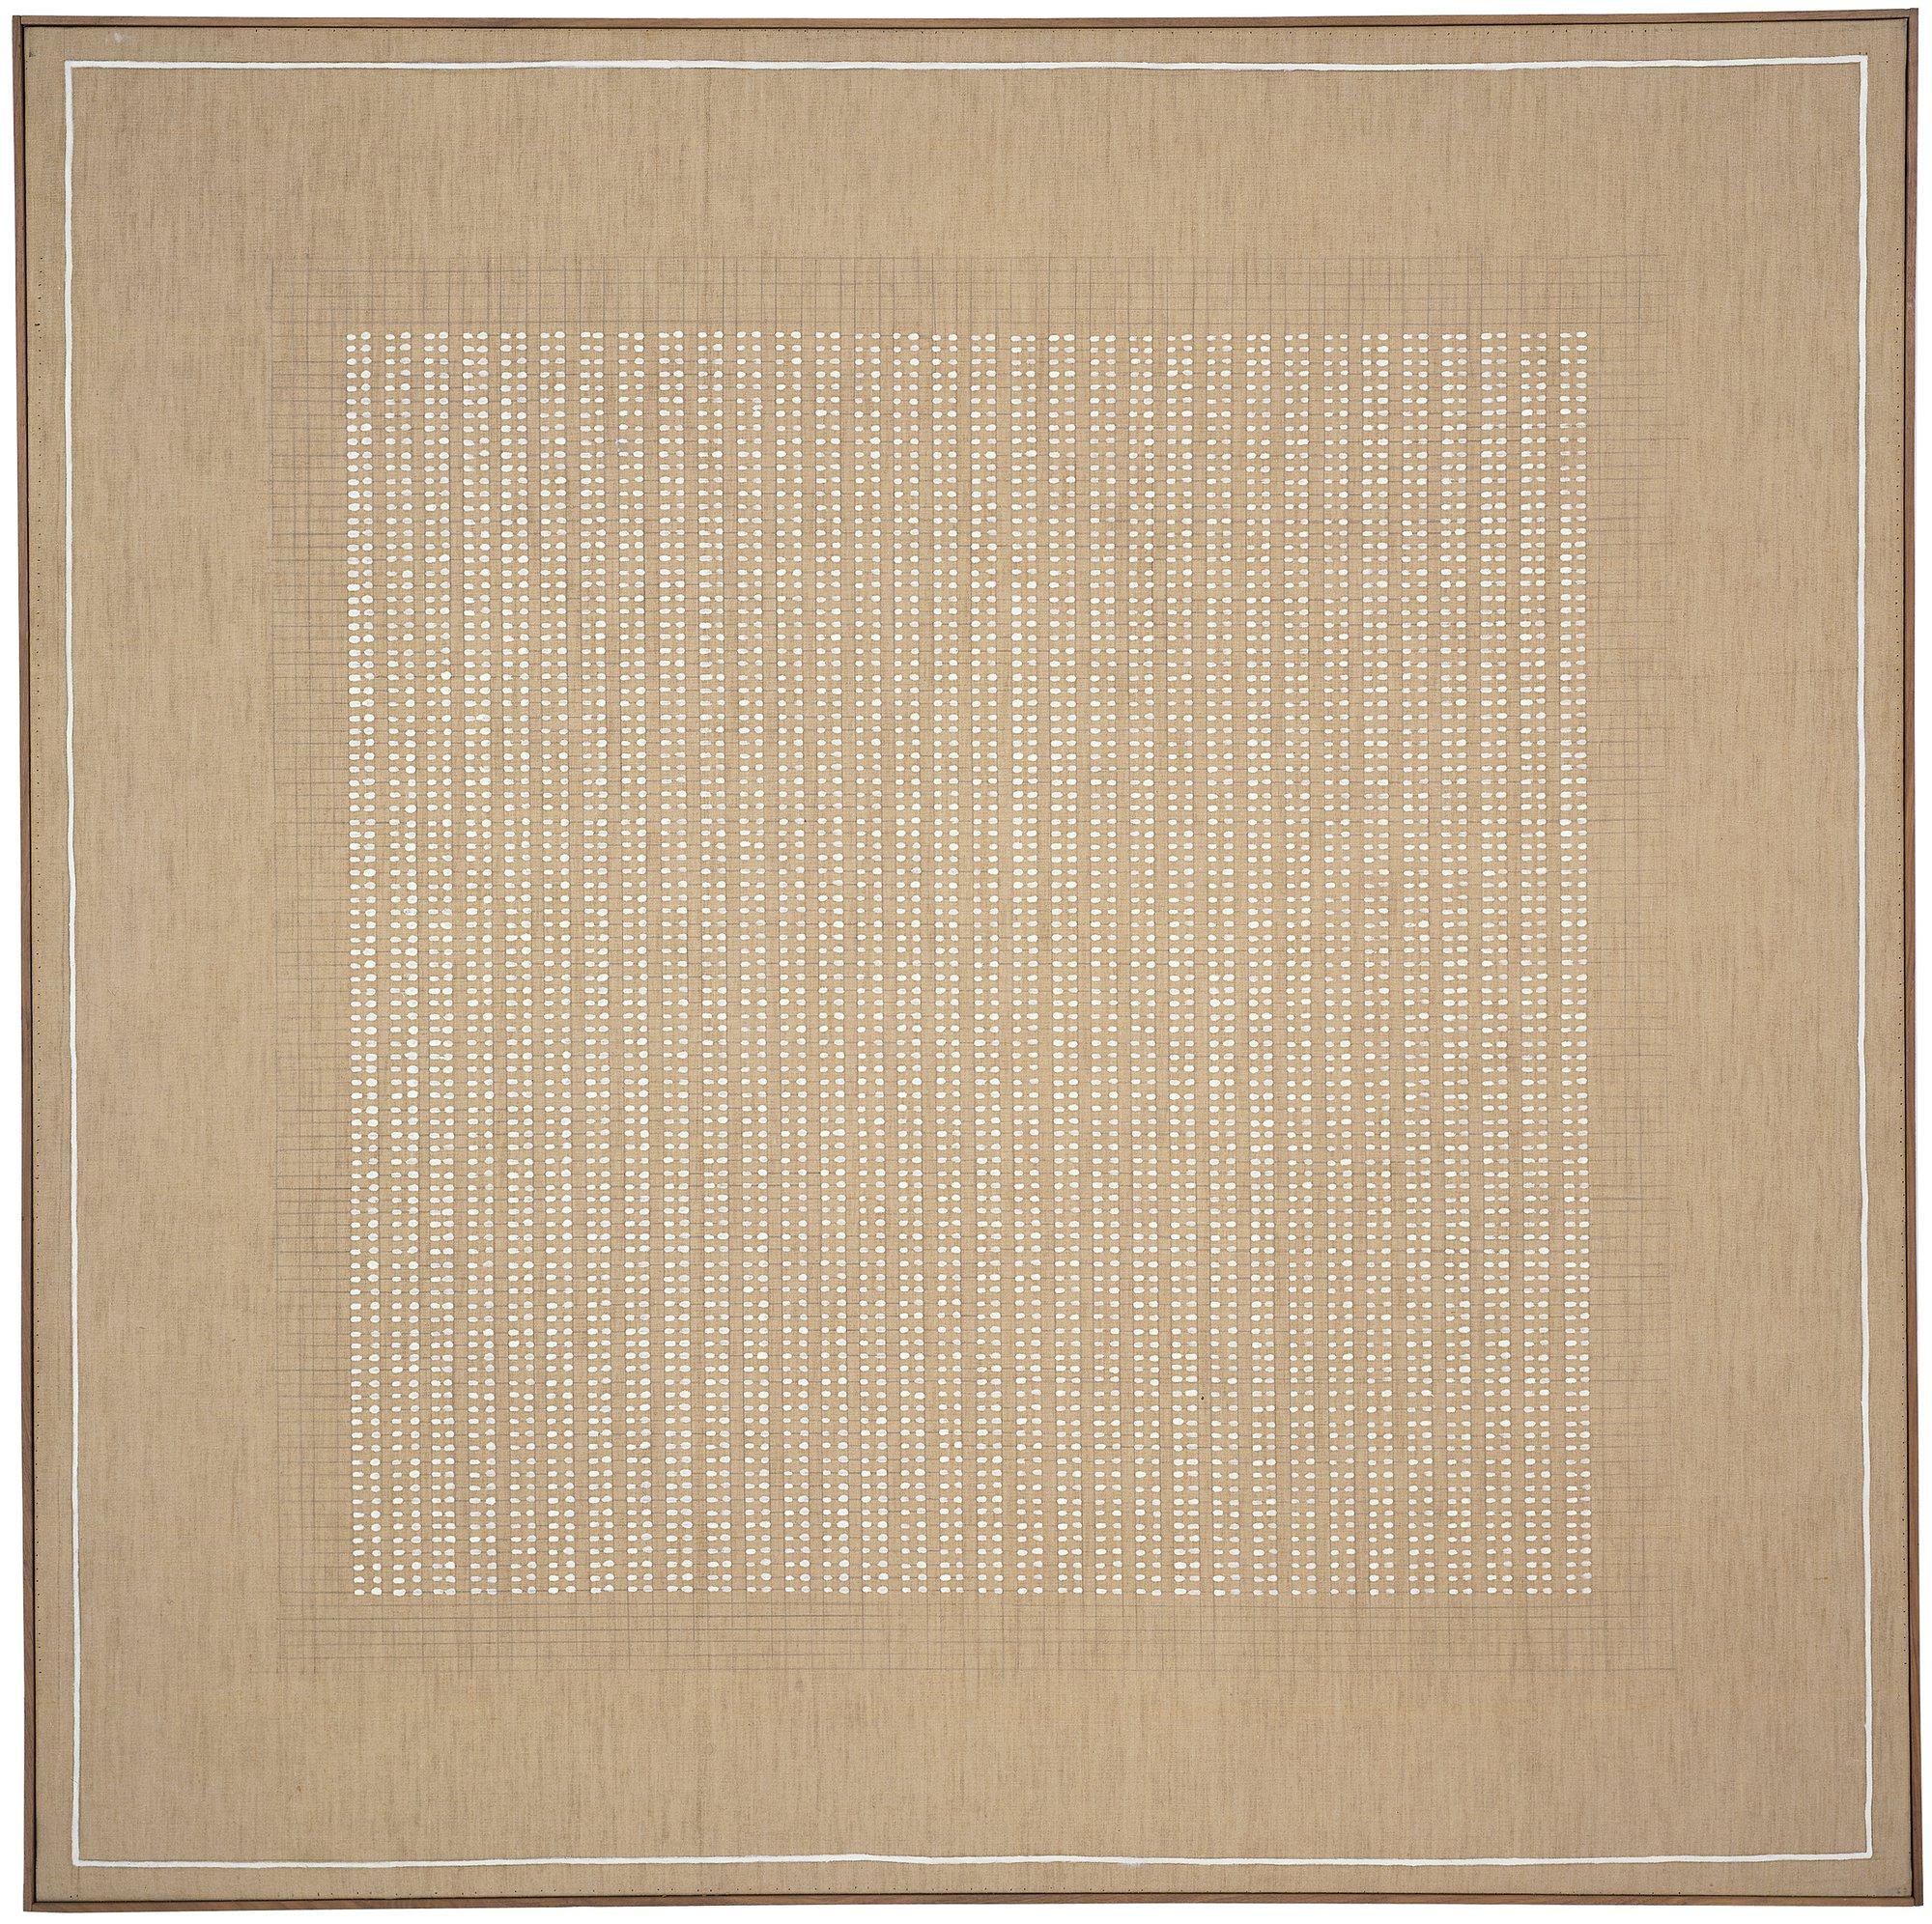 Agnes Martin | Pace Gallery dedans Puzzle 5 Ans En Ligne